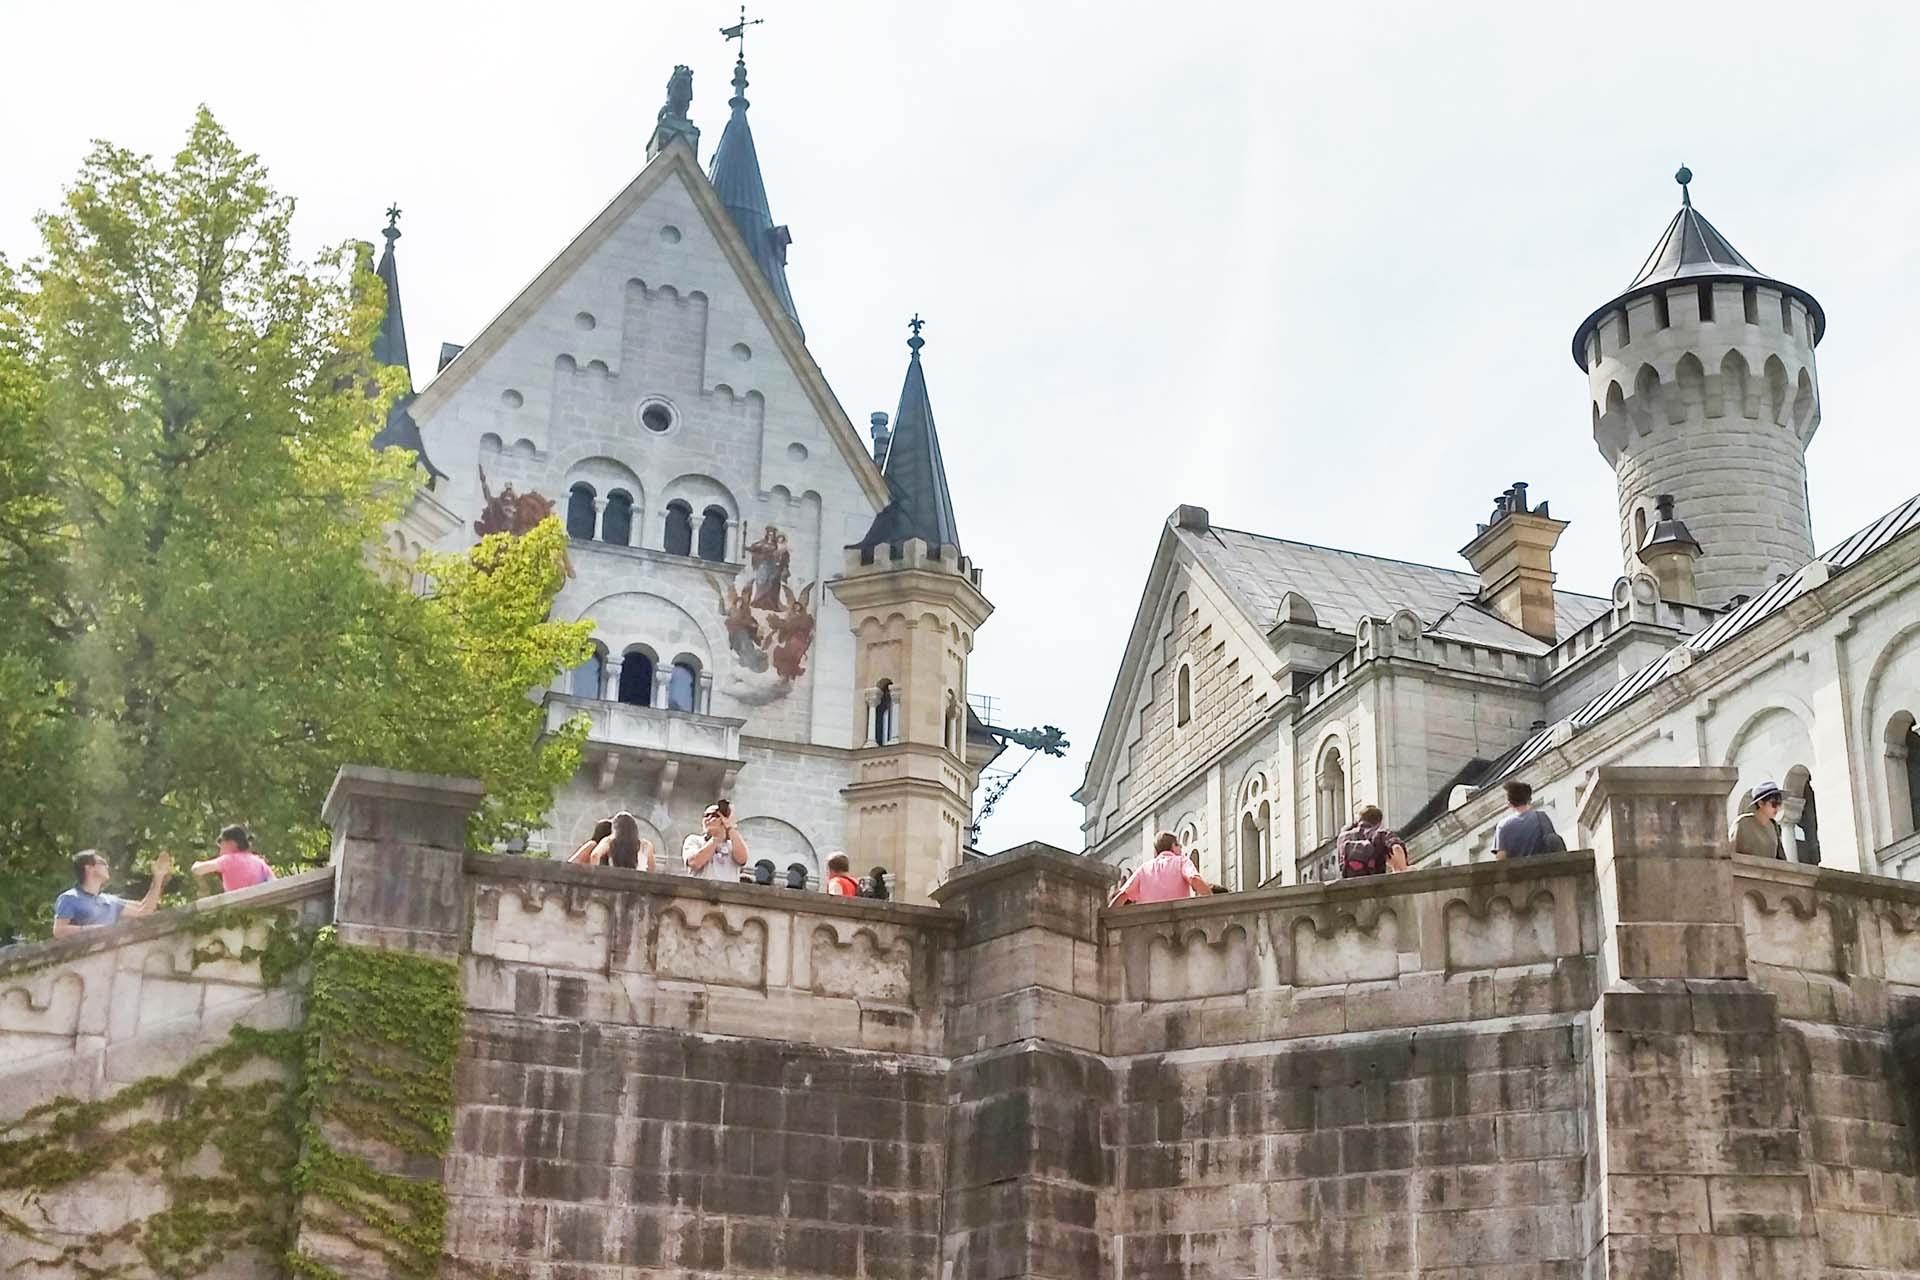 Inside Neuschwanstein Castle Walls Autos Ca